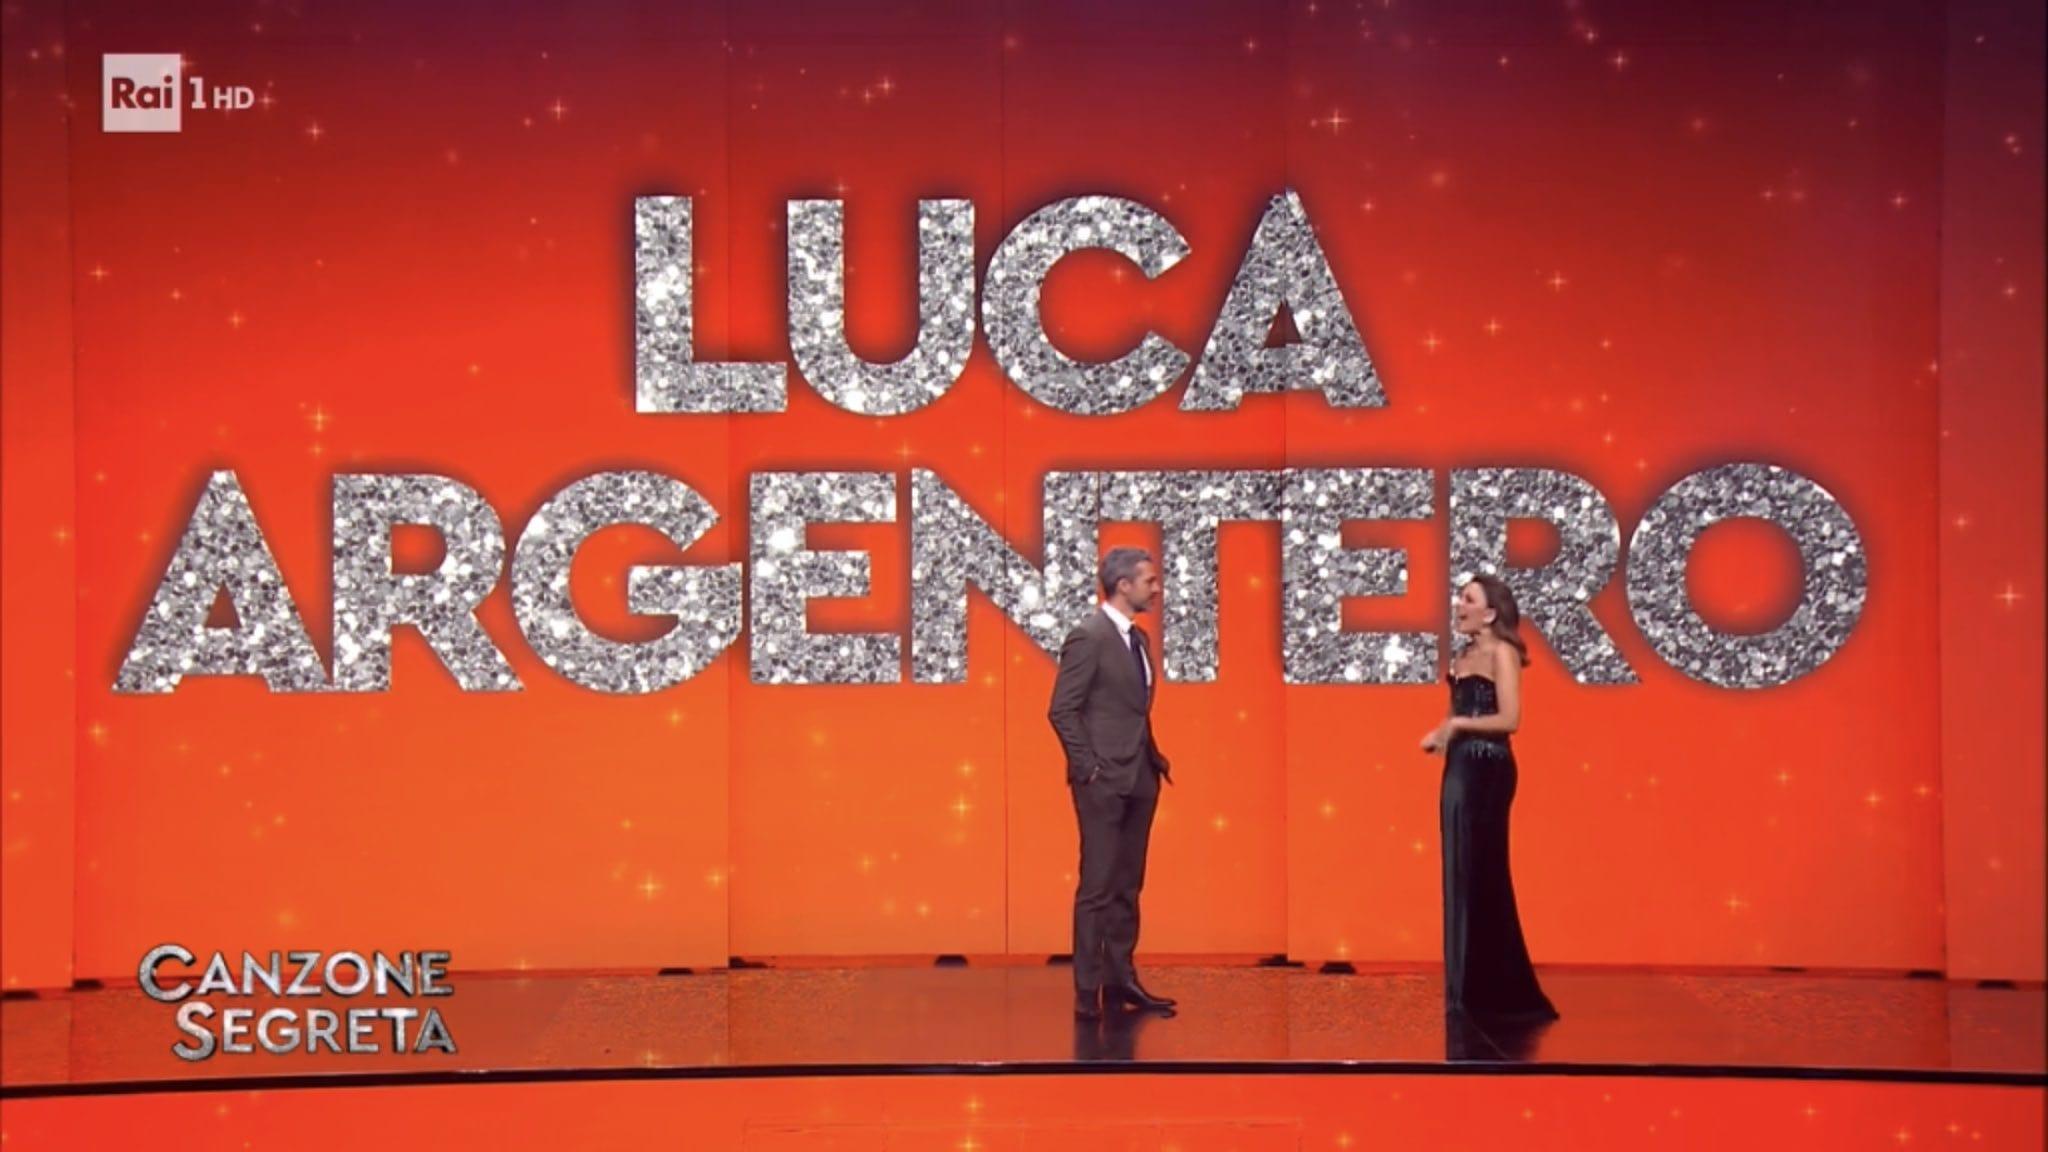 Live martedì 20 aprile 2021 · Stasera Canzoni Segrete appuntamento speciale. Con Serena Rossi, in onda in prima serata su RaiUno